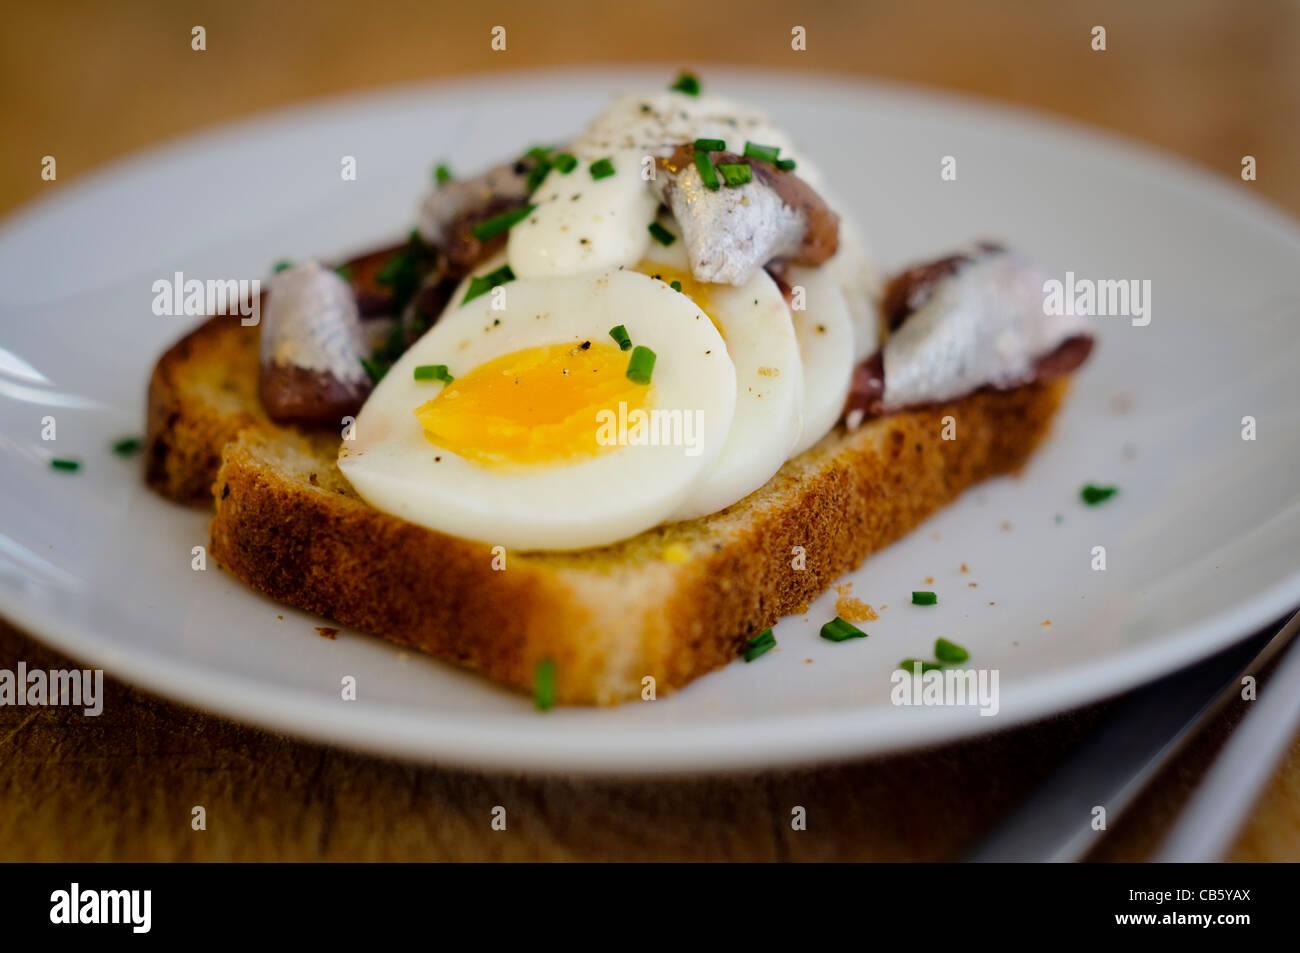 Un classico svedese aperto di fronte sandwich con affettati, uova sode, guarnita con conserve ansjovis svedese (decapati Immagini Stock